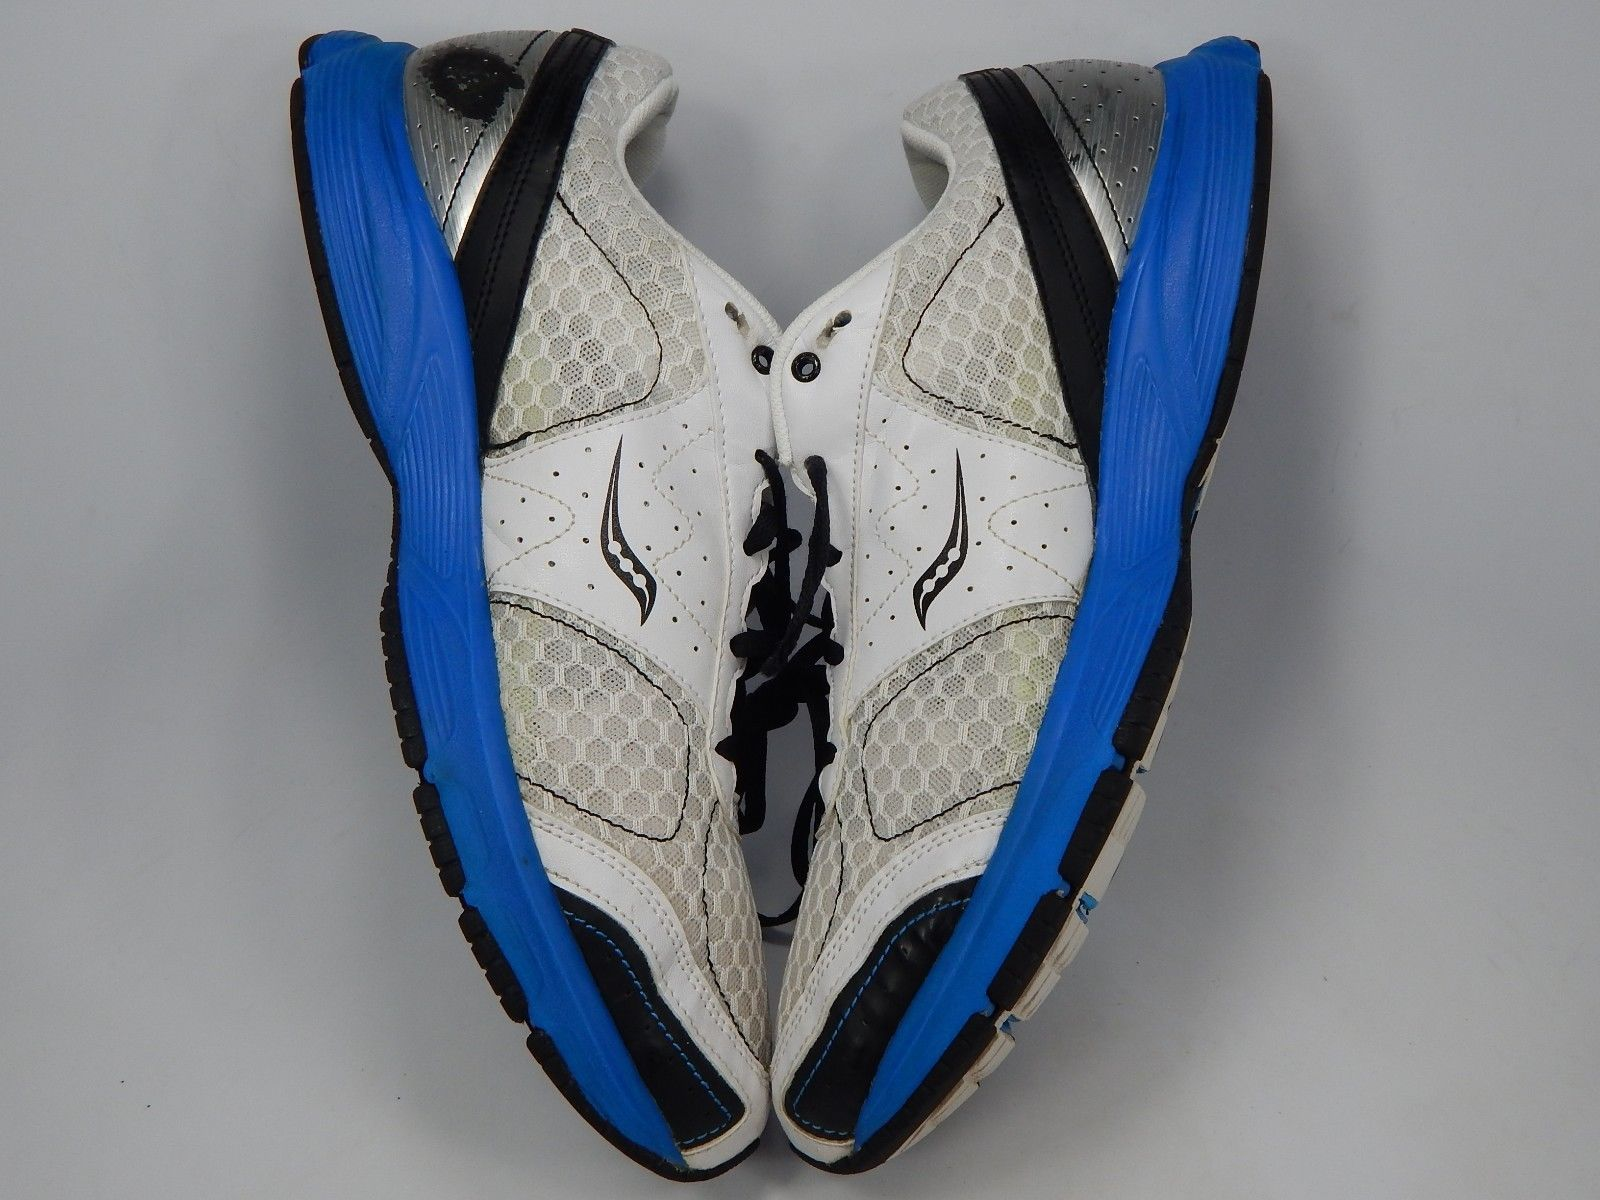 Saucony Outduel Size US 13 M (D) EU 48 Men's Running Shoes White Blue 25146-1